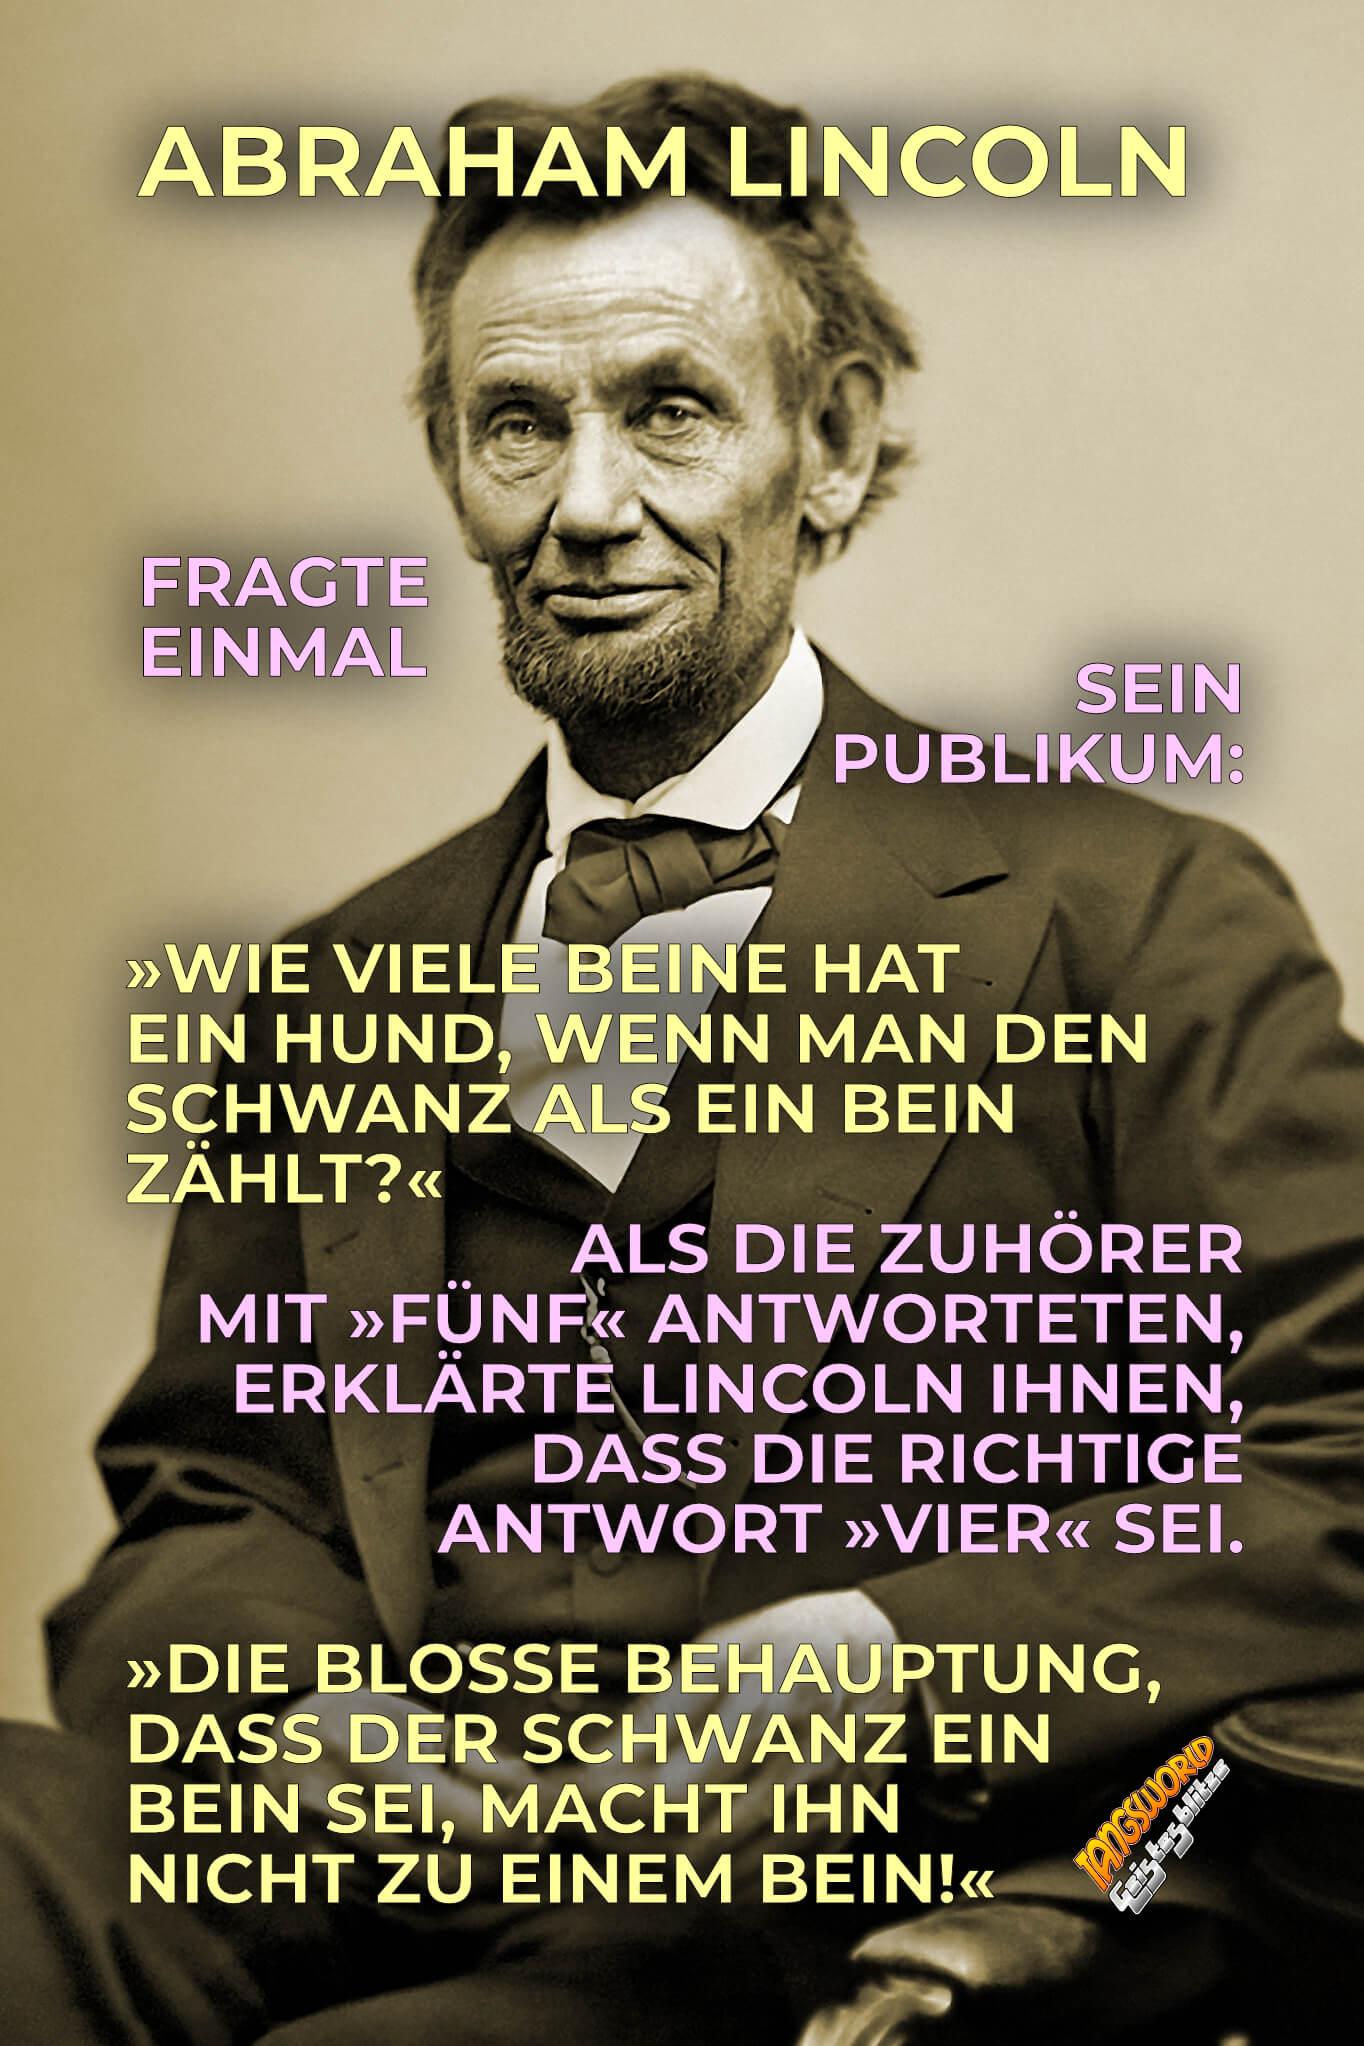 Abraham Lincoln fragte einmal sein Publikum: »Wie viele Beine hat ein Hund, wenn man den Schwanz als ein Bein zählt?« Als die Zuhörer mit »fünf« antworteten, erklärte Lincoln ihnen, dass die richtige Antwort »vier« sei. »Die bloße Behauptung, dass der Schwanz ein Bein sei, macht ihn nicht zu einem Bein!« - Geistesblitze   Abraham Lincoln